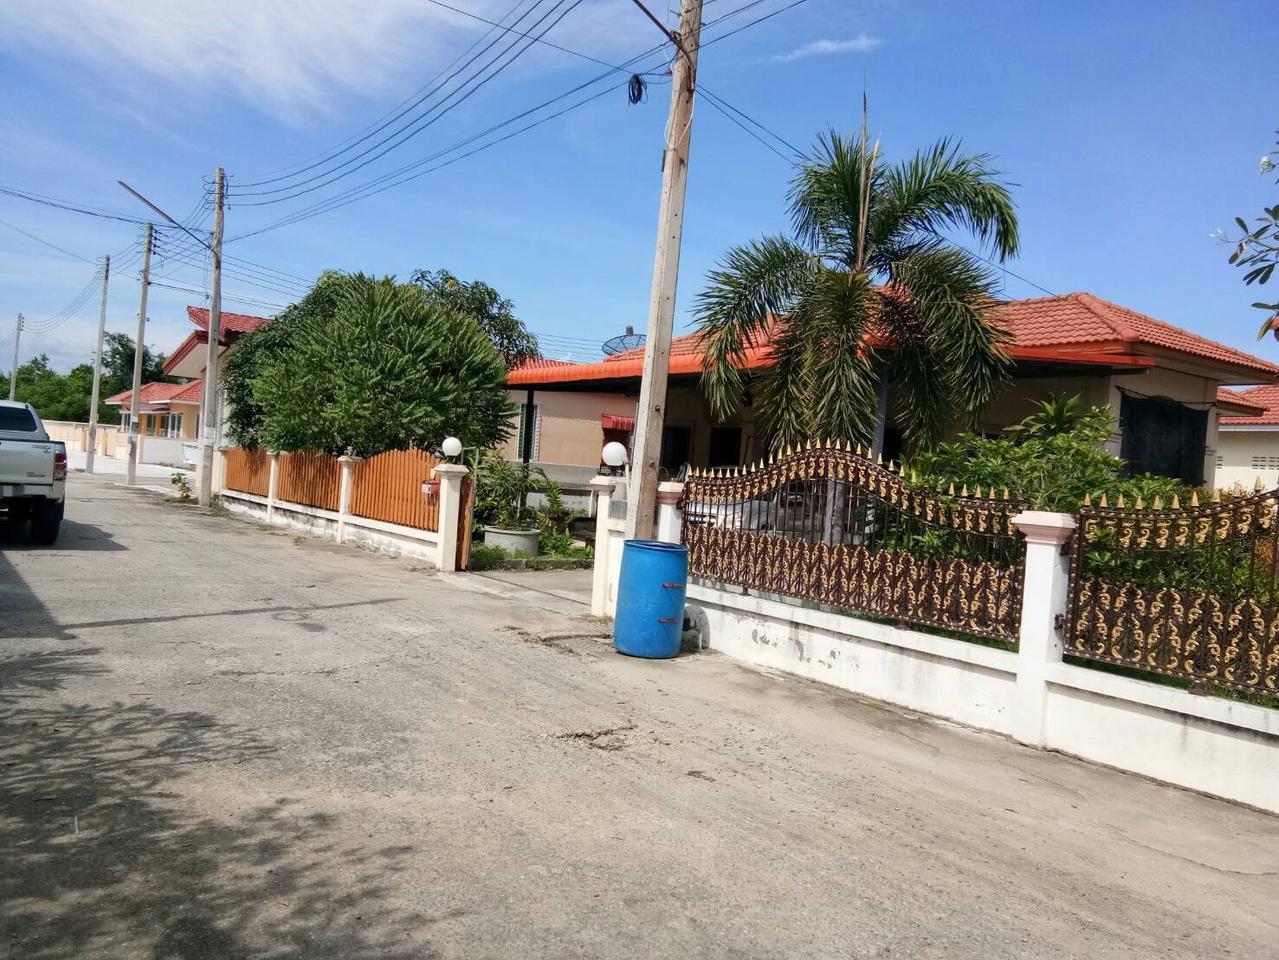 ขายด่วน บ้านเดี่ยวหมู่บ้านชื่อหมู่บ้าน ธรรมรักษา  รูปที่ 5